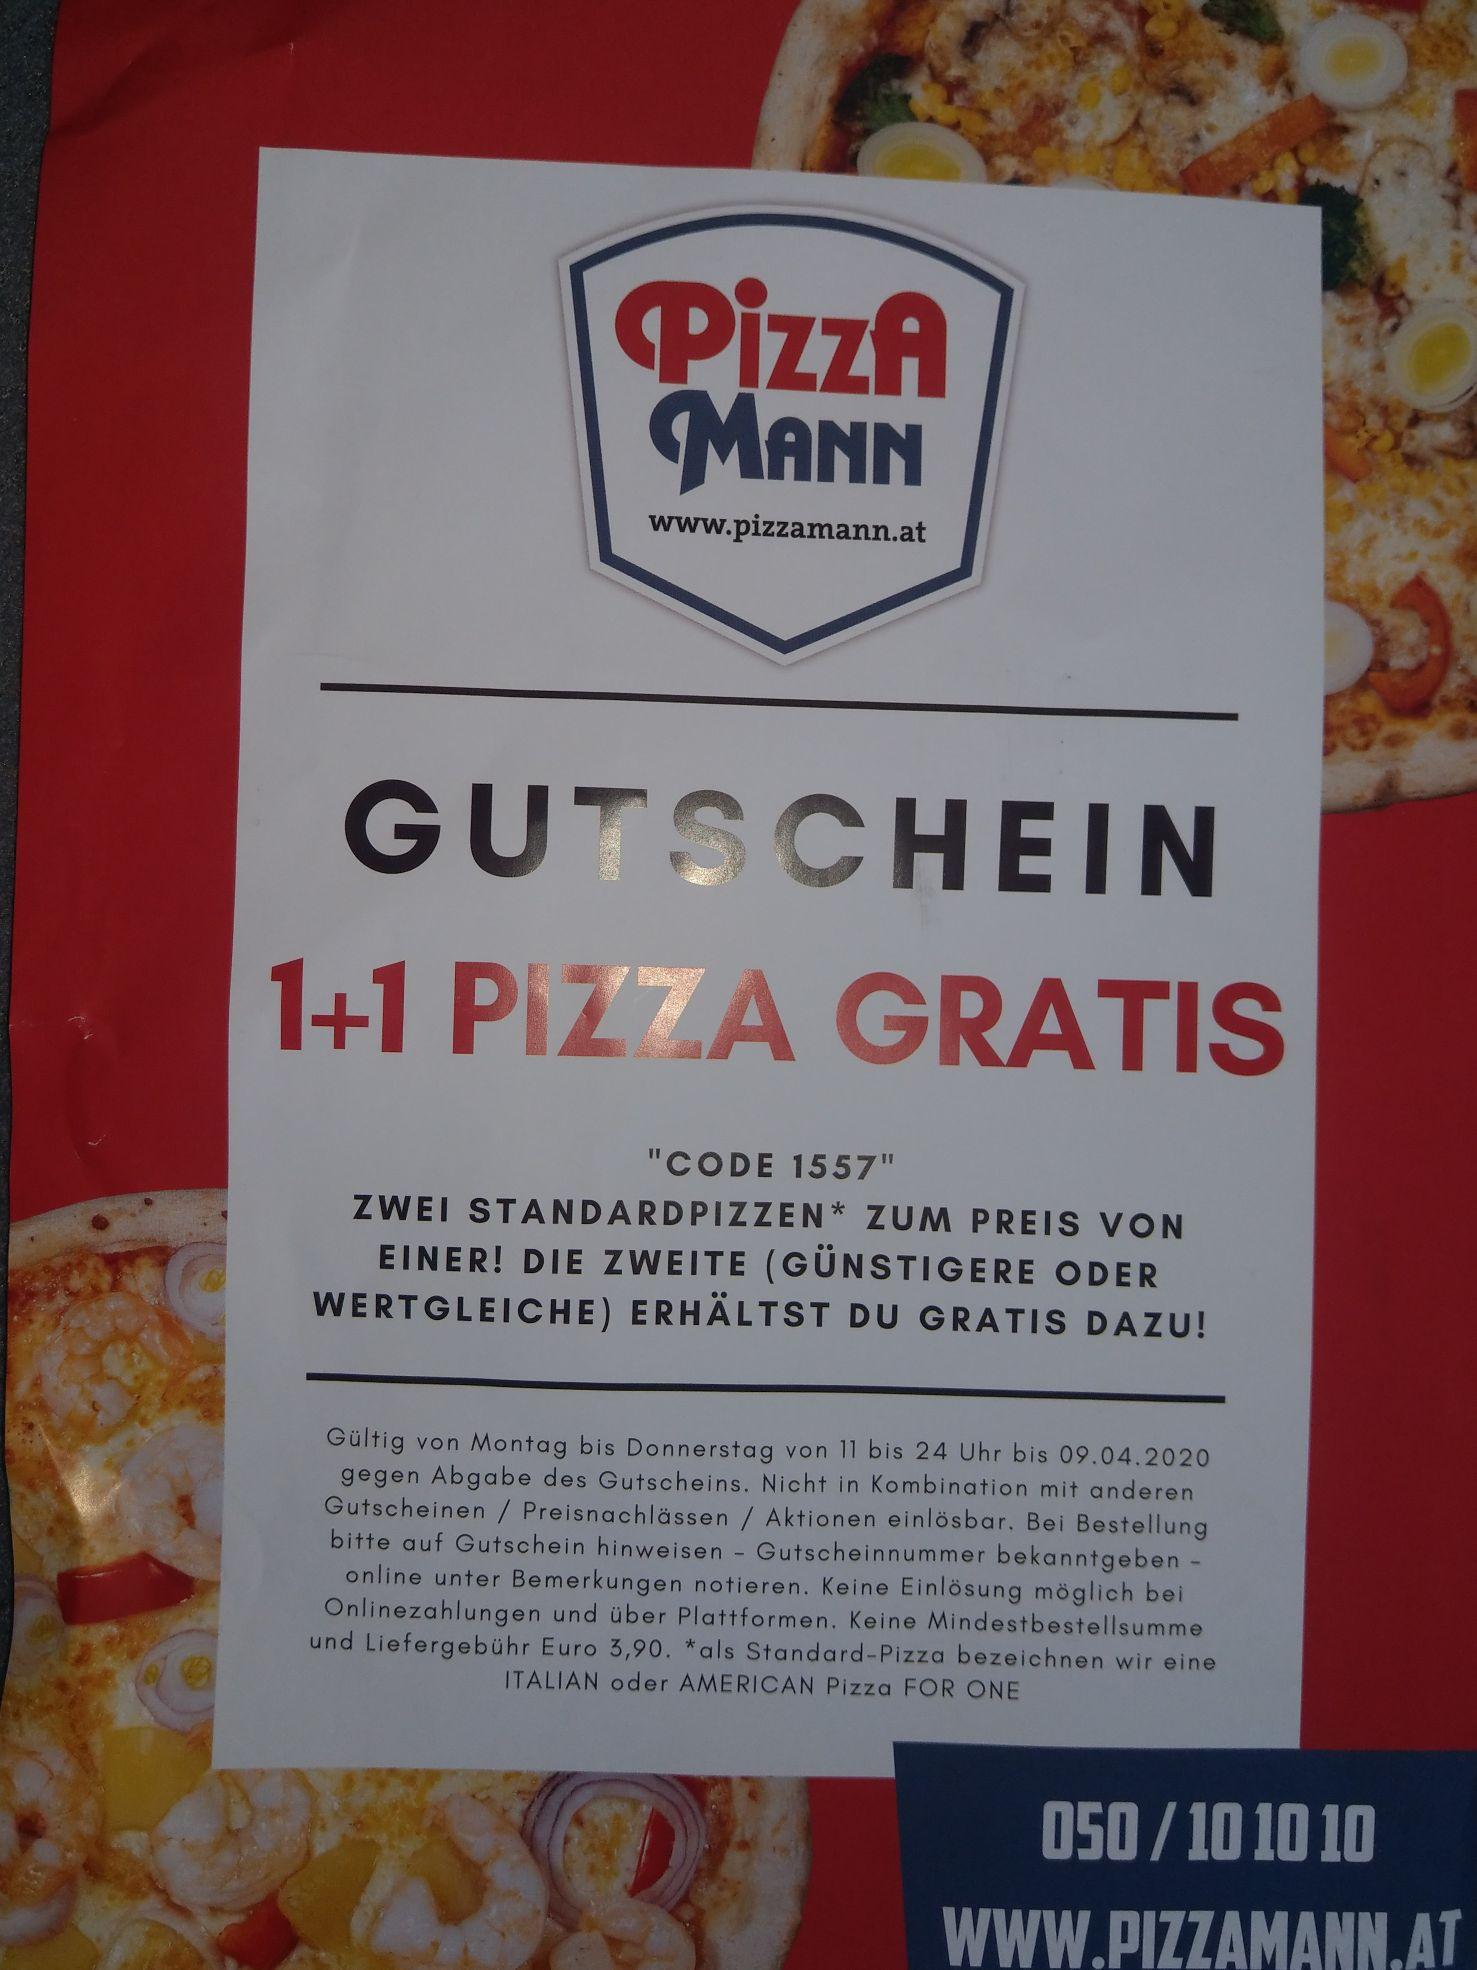 Fat Boy NOT slim: Pizzamann 1 + 1 gratis